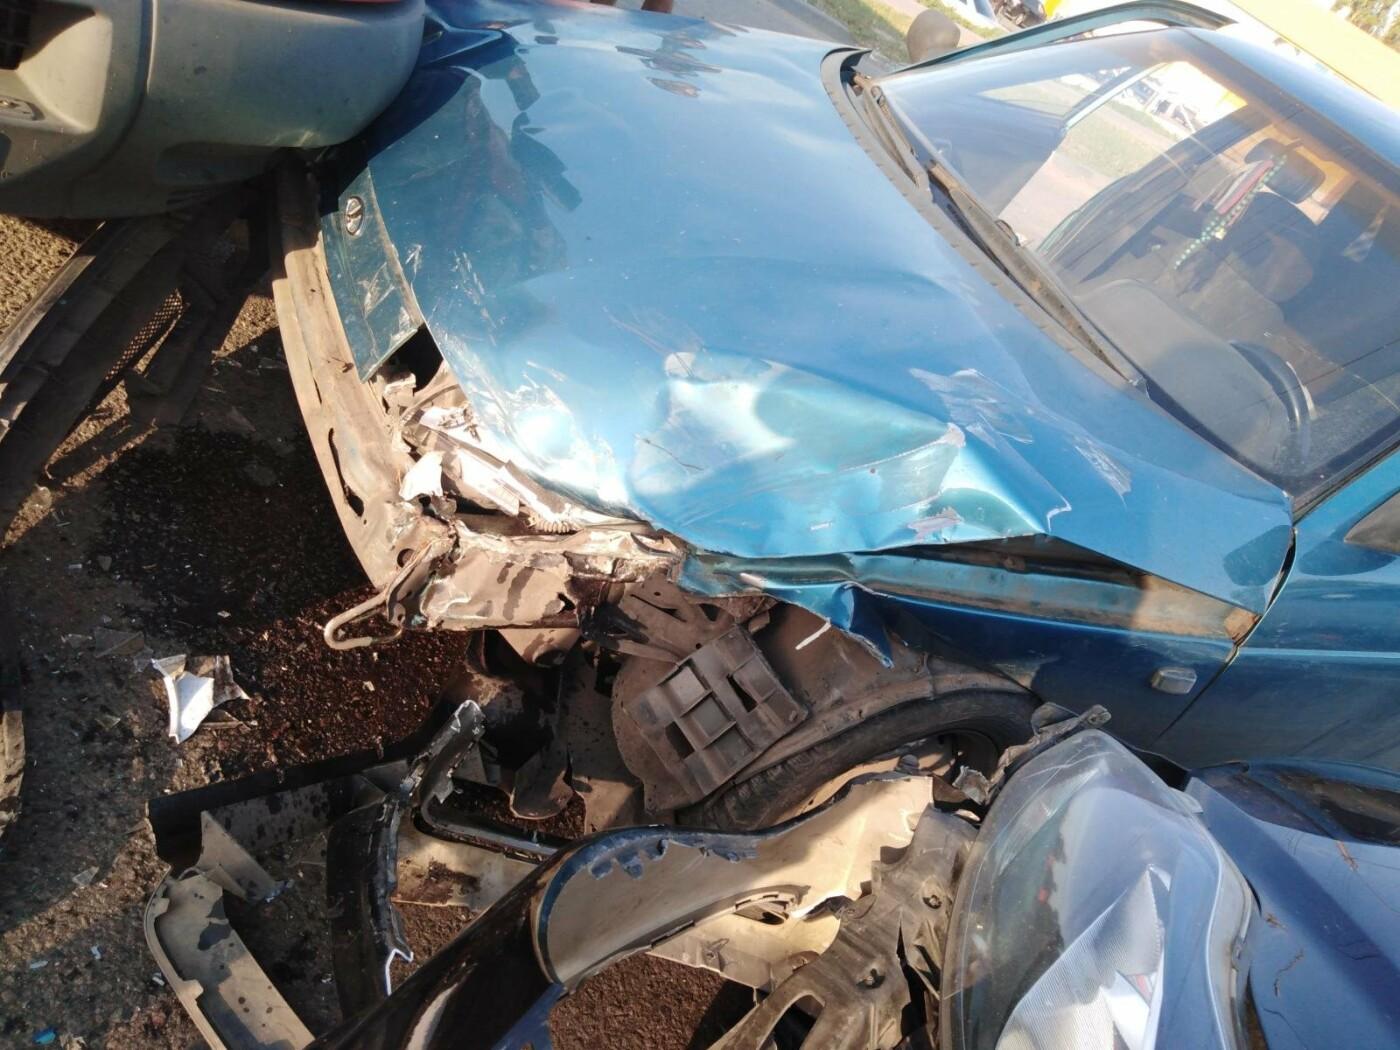 В Тамбове в тройном ДТП пострадал 9-летний ребенок и двое взрослых, фото-1